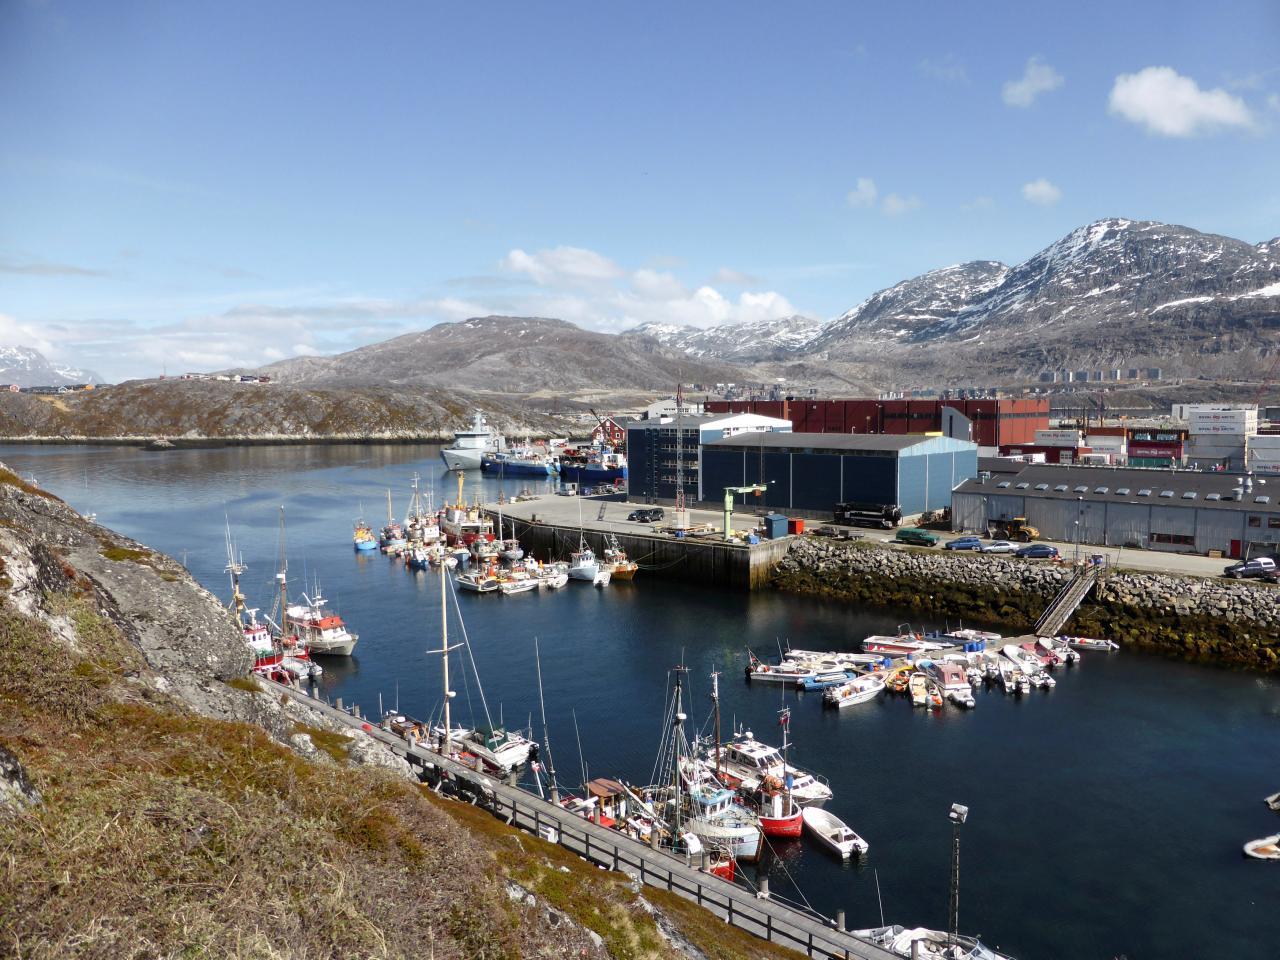 Kế hoạch xây phi trường của Trung Cộng ở Greenland có thể nguy hiểm cho căn cứ Hoa Kỳ